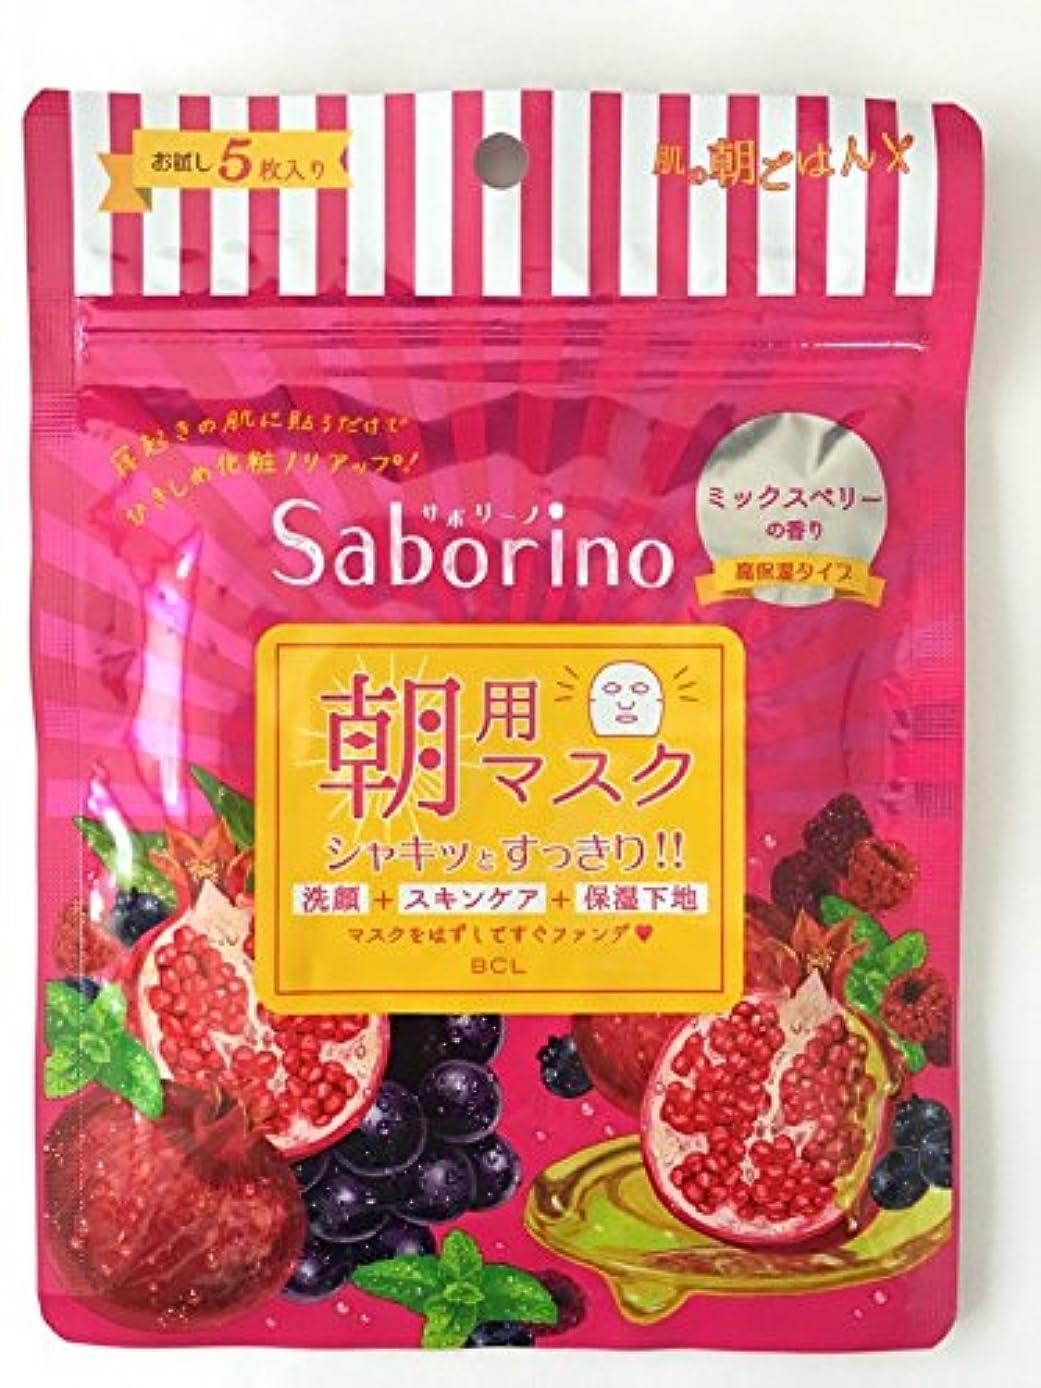 怠なバレーボール農学BCL サボリーノ目ざまシート 完熟果実の高保湿タイプ 5枚